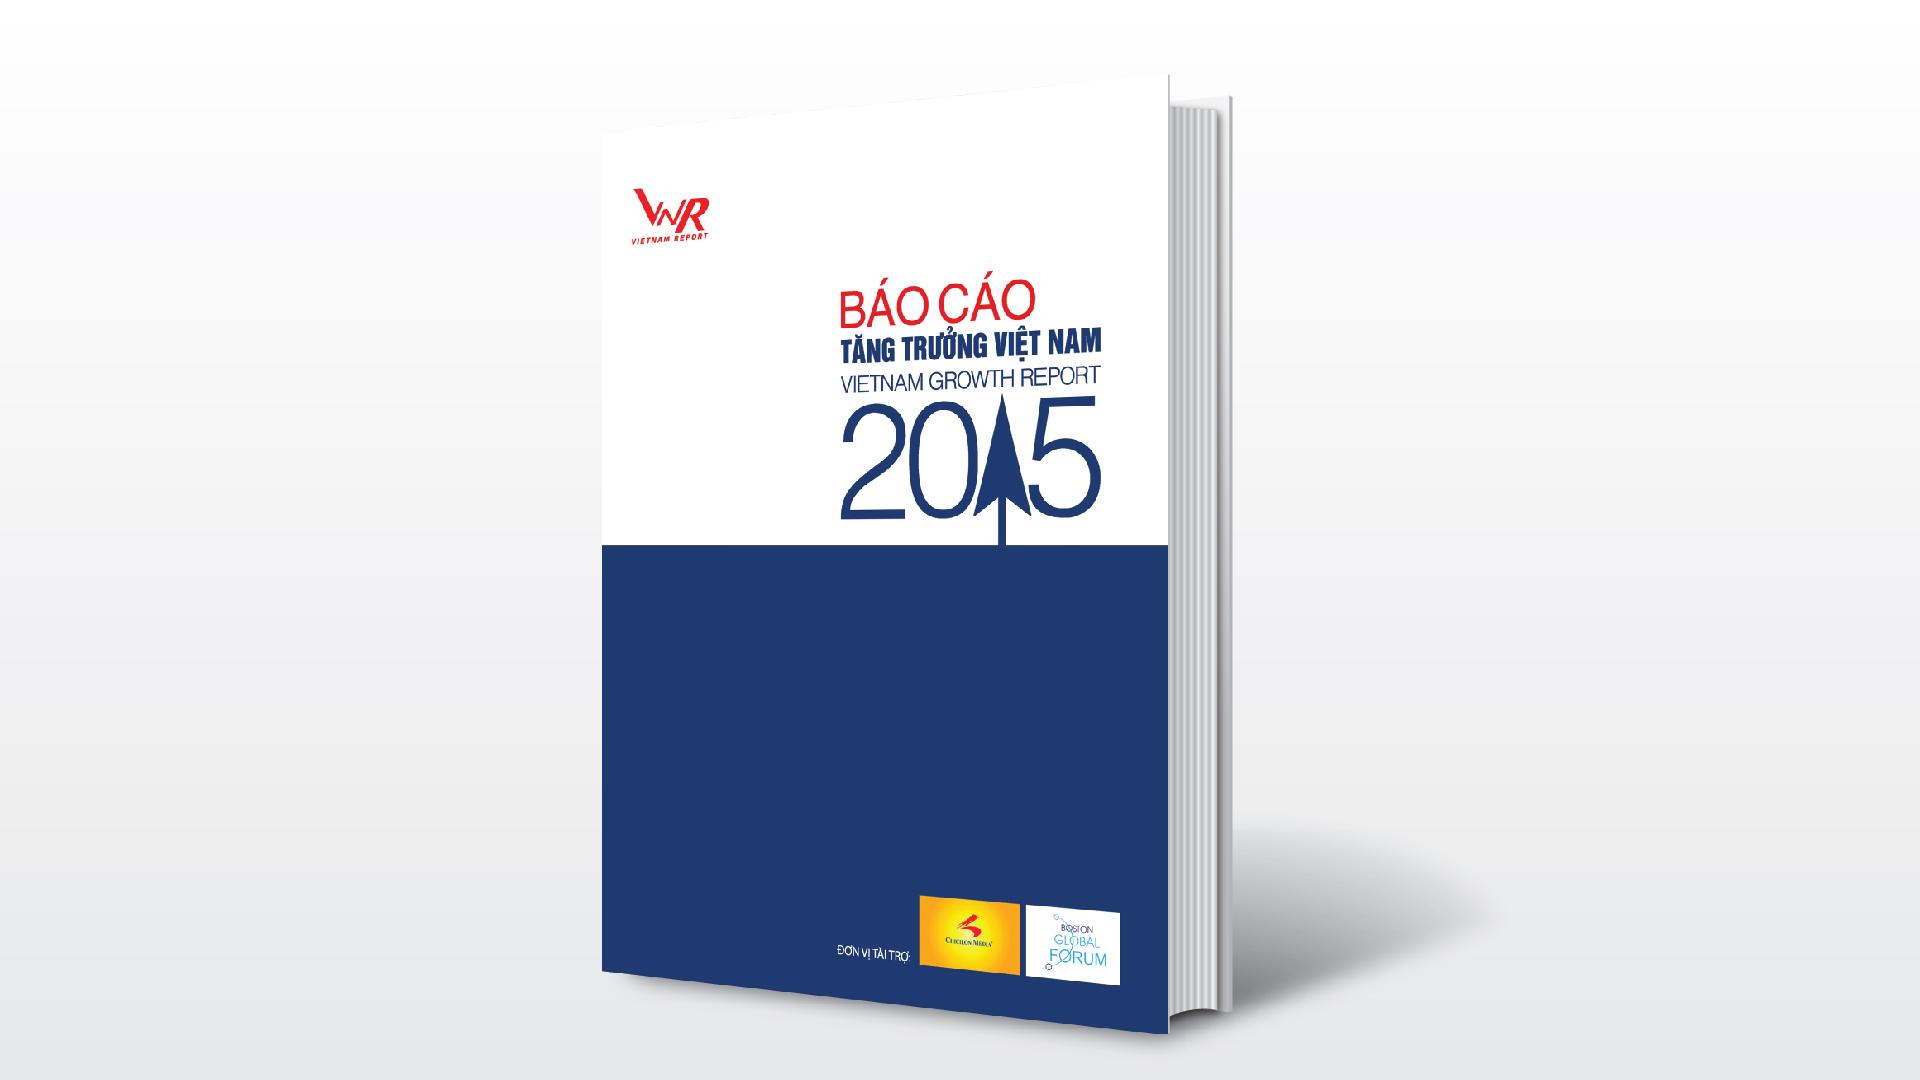 18/04/2015: Báo cáo tăng trưởng Kinh tế Việt Nam 2015